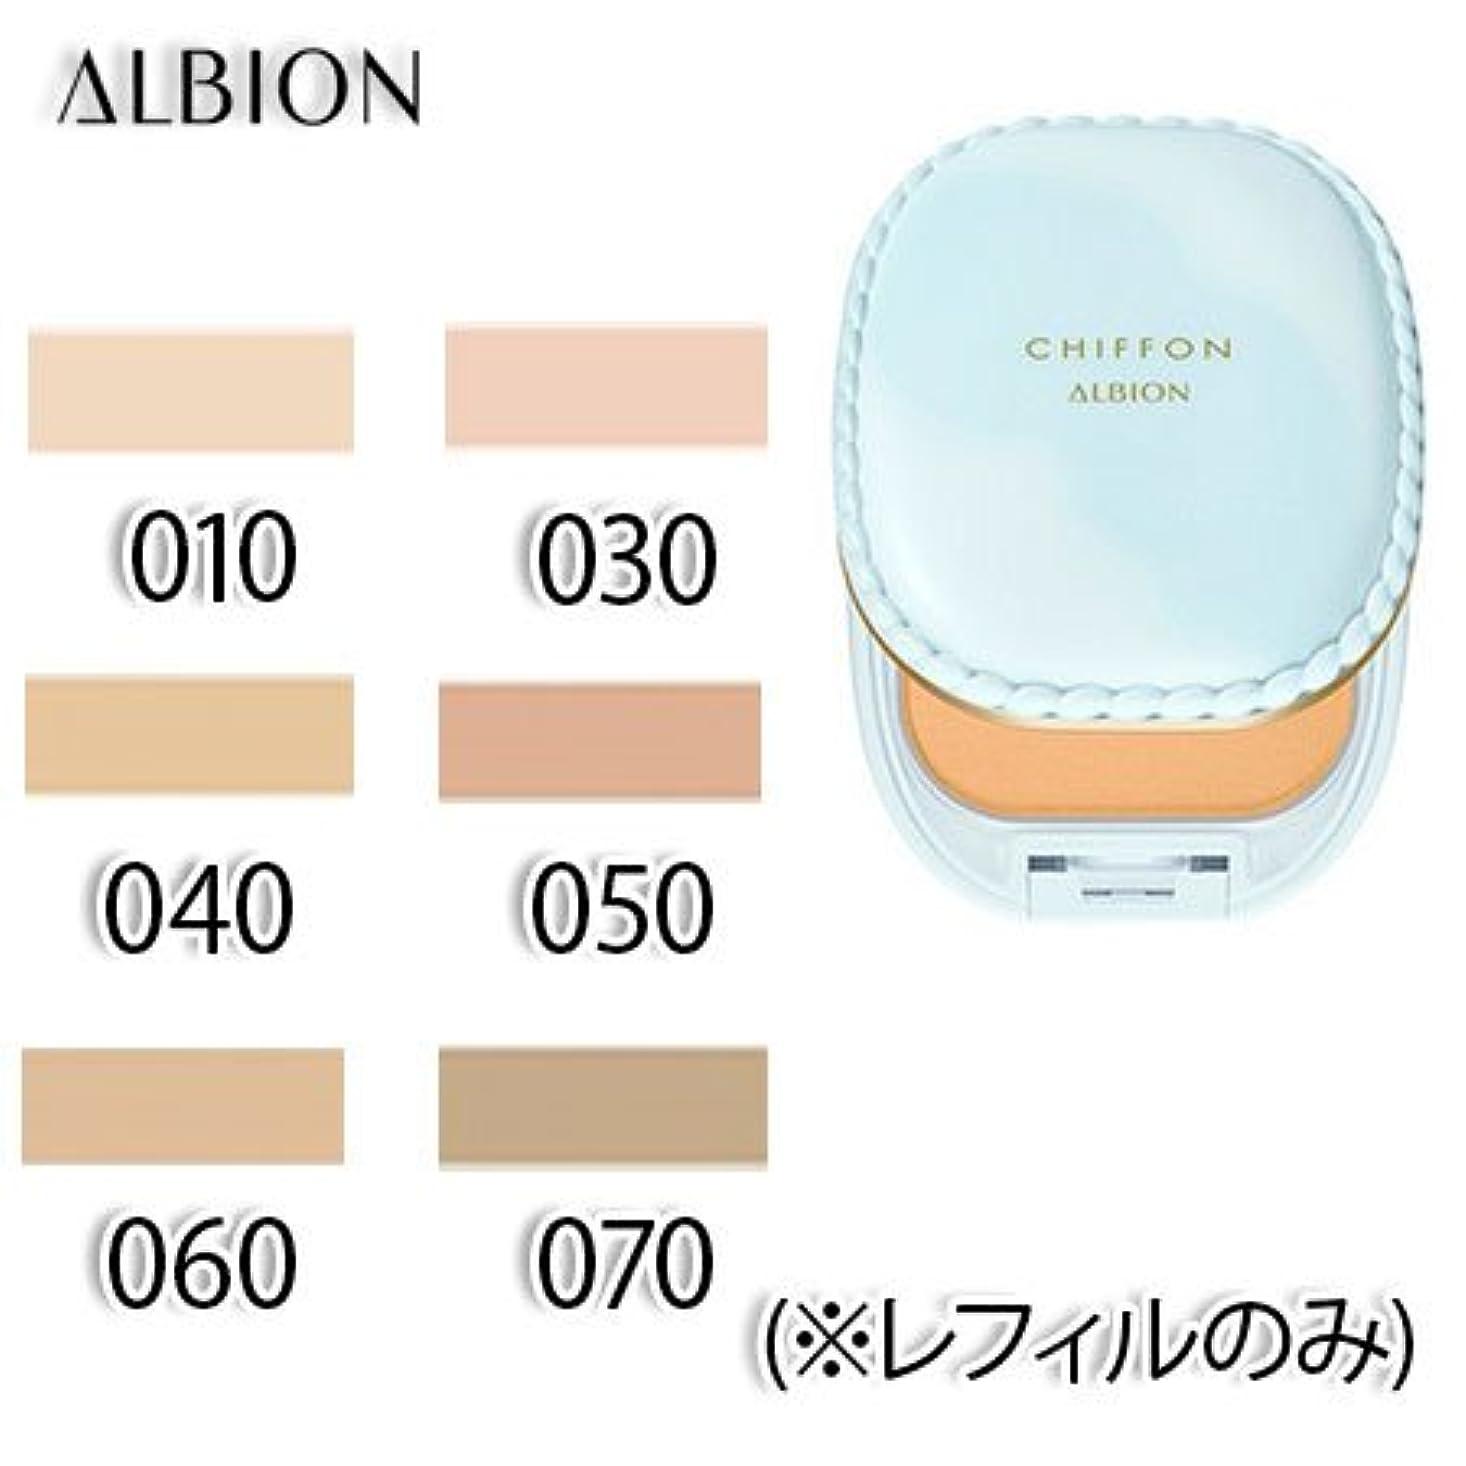 部族白鳥道徳教育アルビオン スノー ホワイト シフォン 全6色 SPF25?PA++ 10g (レフィルのみ) -ALBION- 030